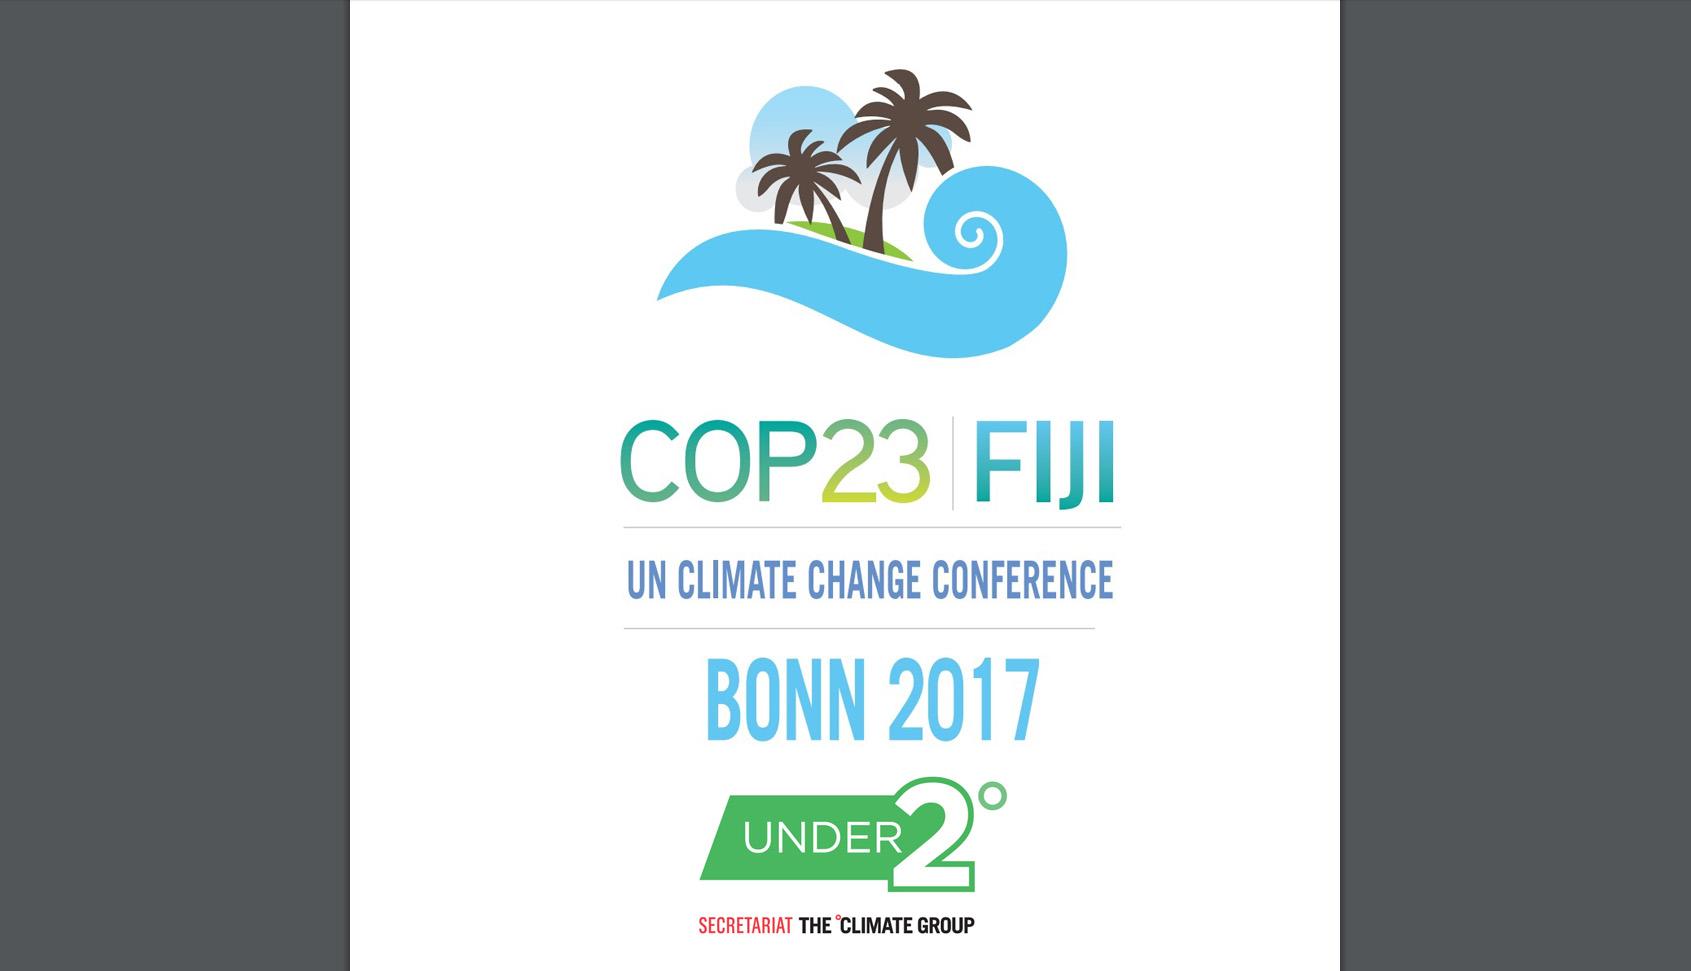 SMA representará o Estado de São Paulo na COP 23, em Bonn